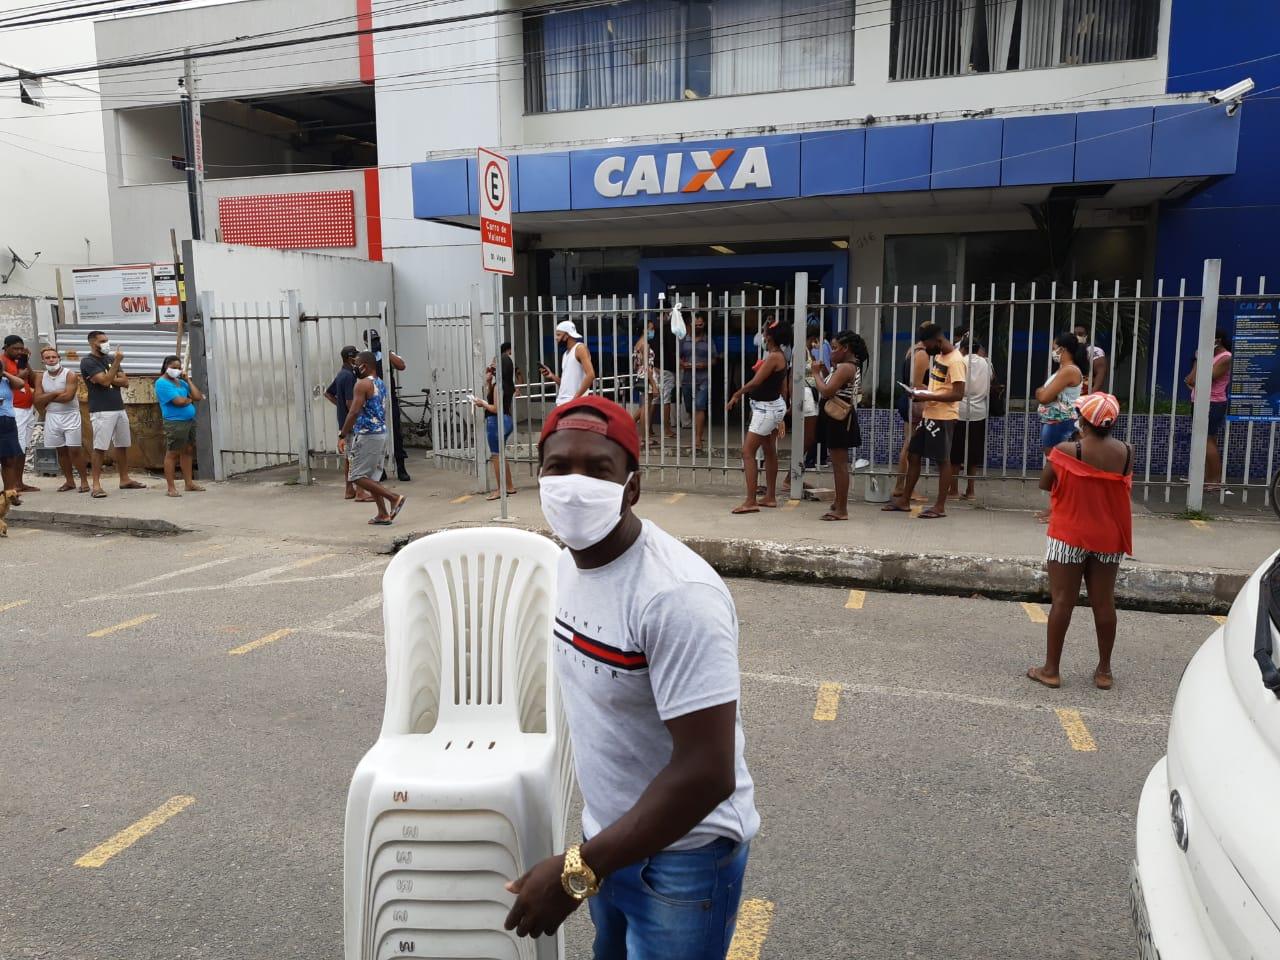 homem levando cadeiras pessoas fila caixa econômica federal